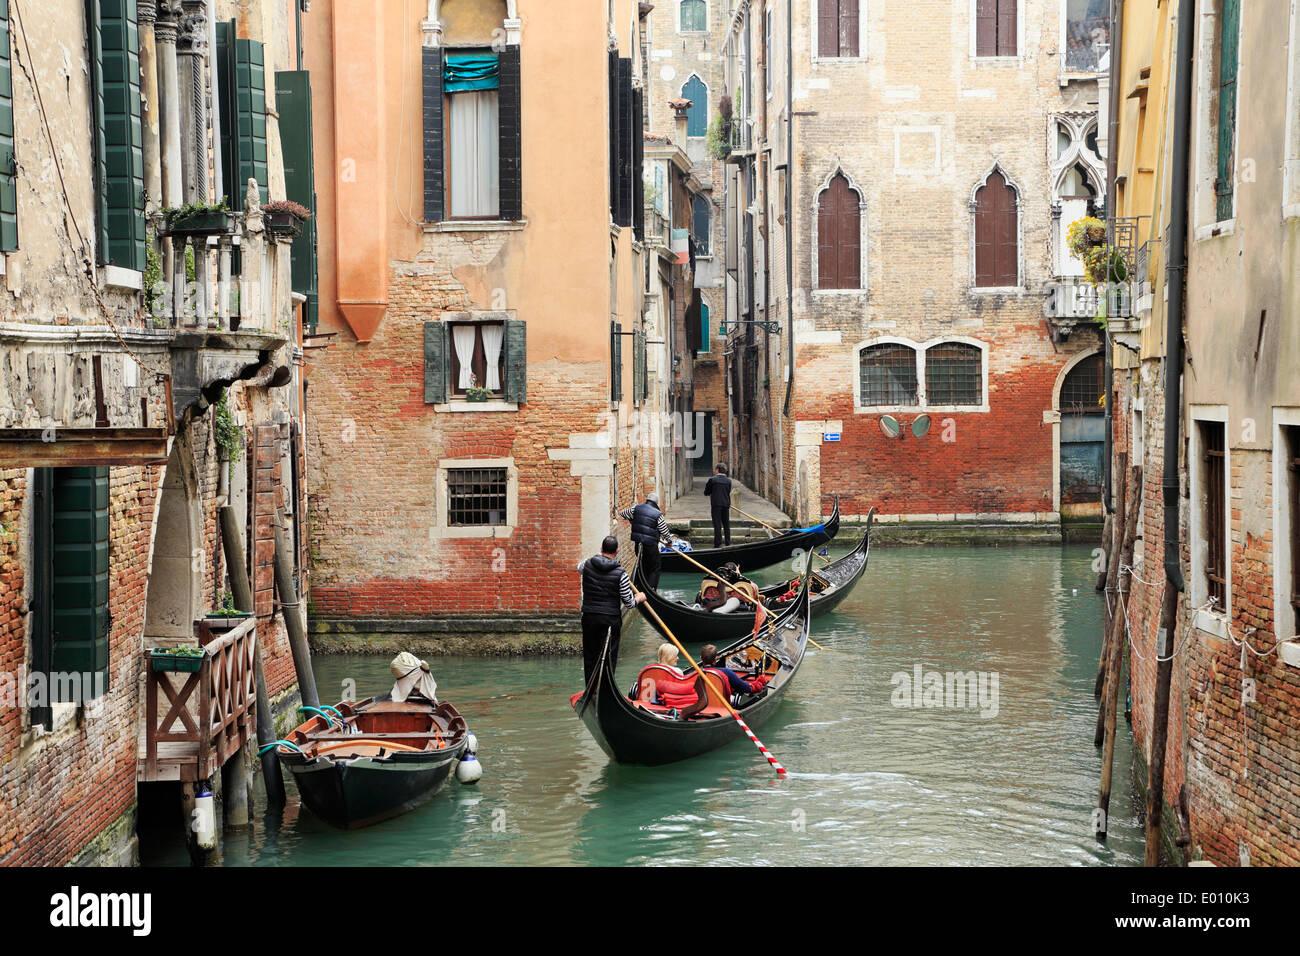 venice-italy-gondolas-on-canals-E010K3.j